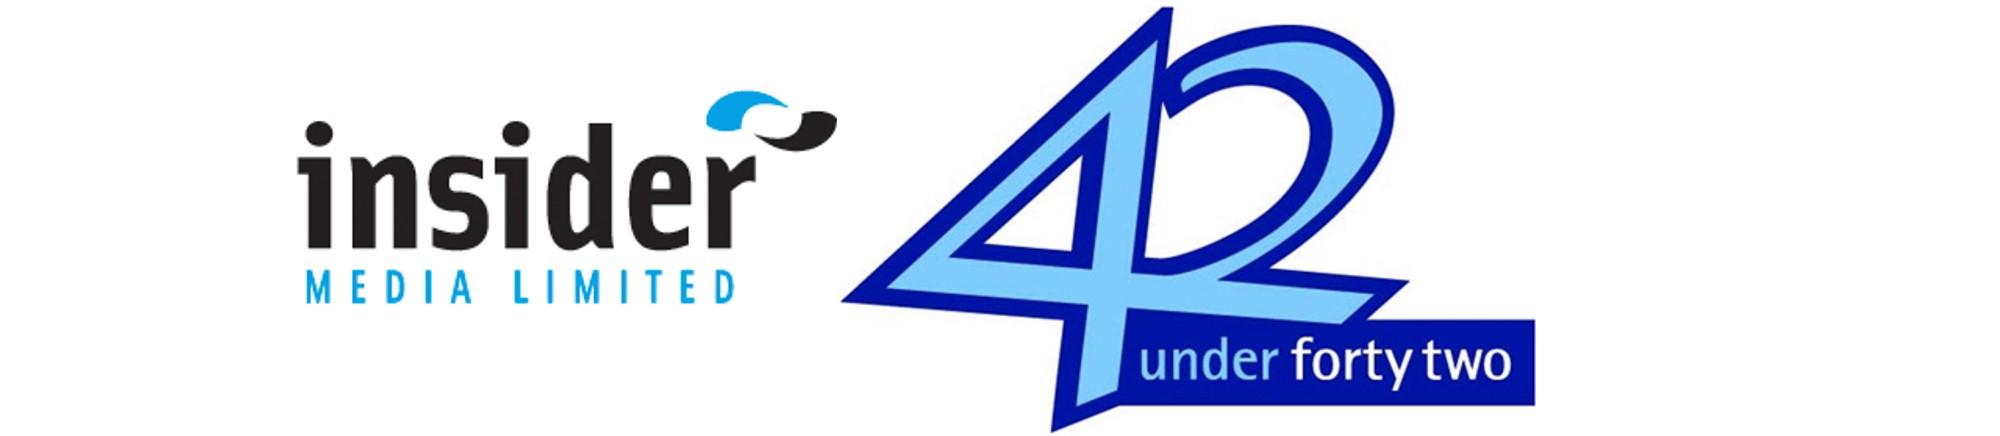 42 Under 42 Logo